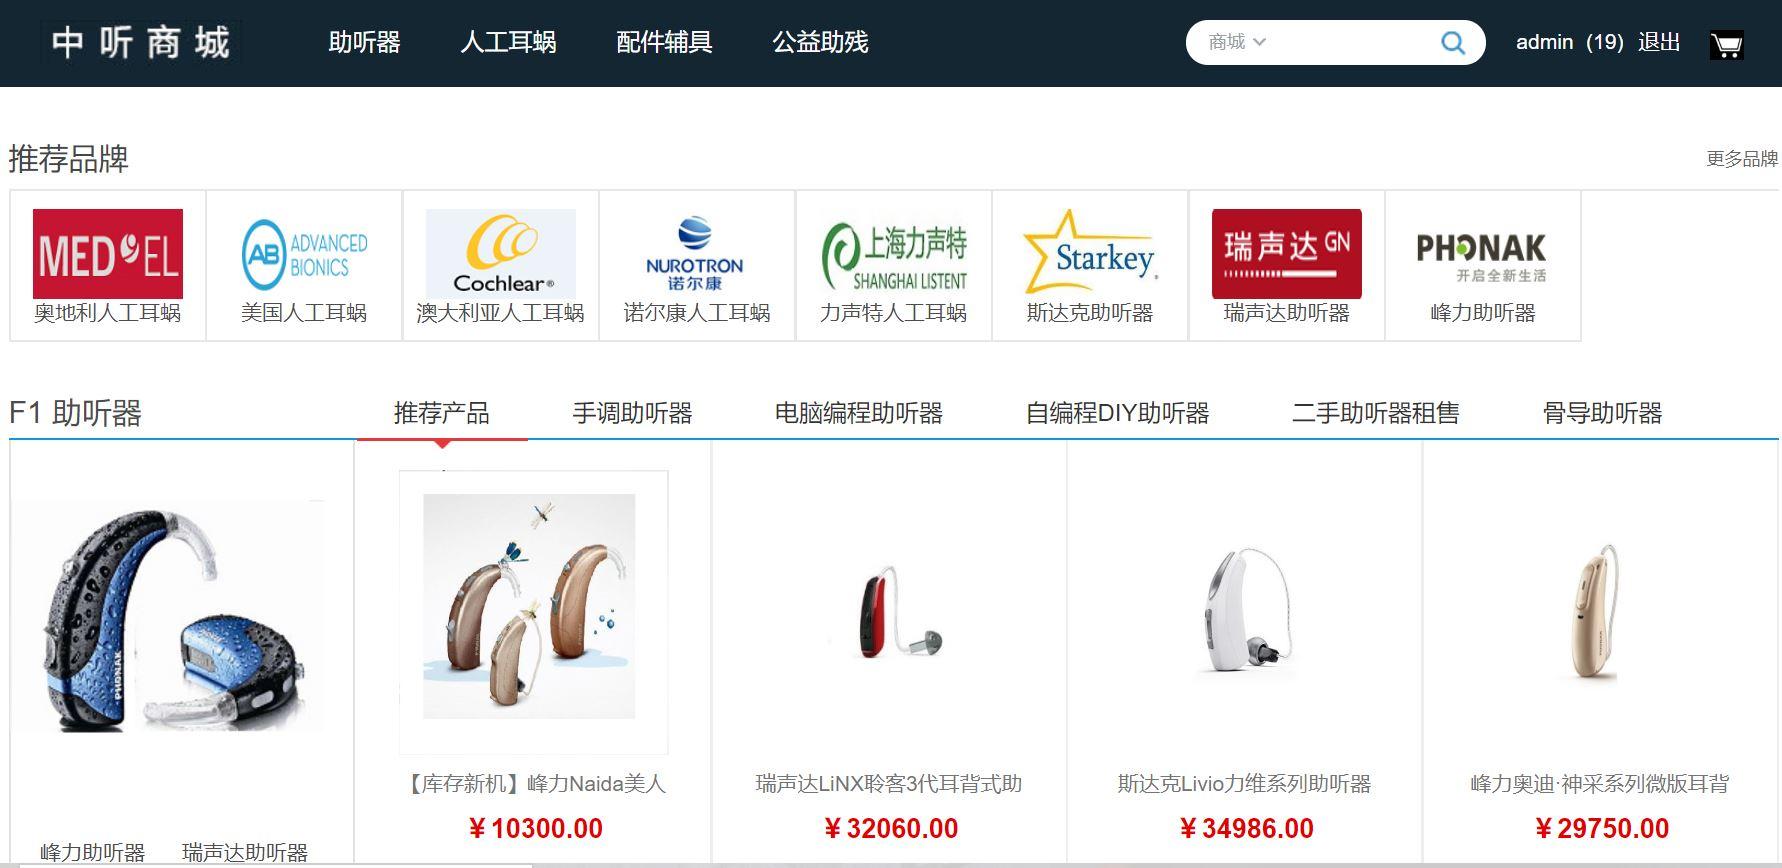 中国听障商城(中听商城)电子商务